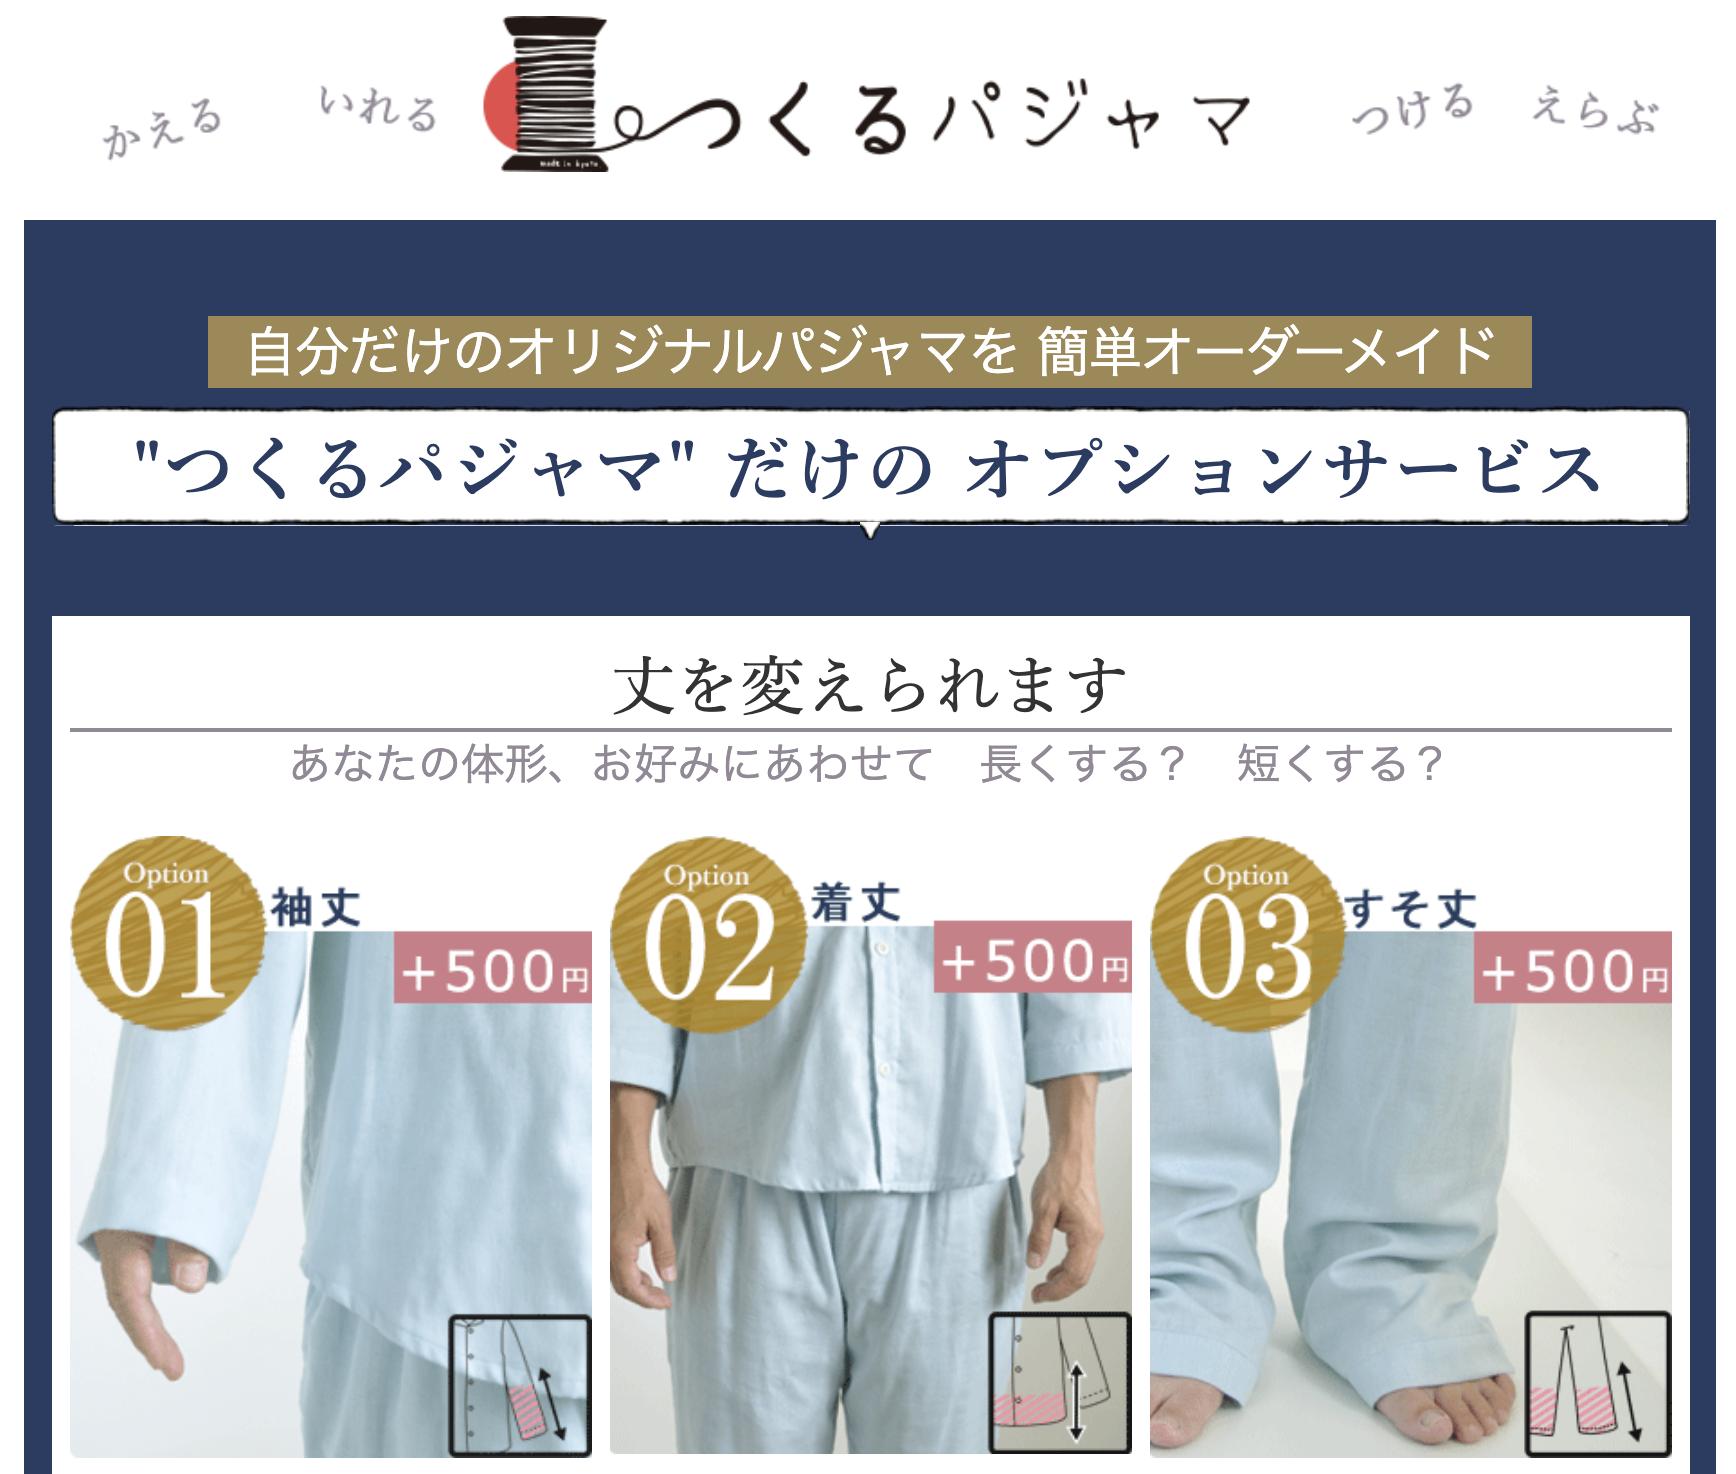 各種オプションが選べることやその説明が分かりやすいことが「つくるパジャマ」の良さの一つ